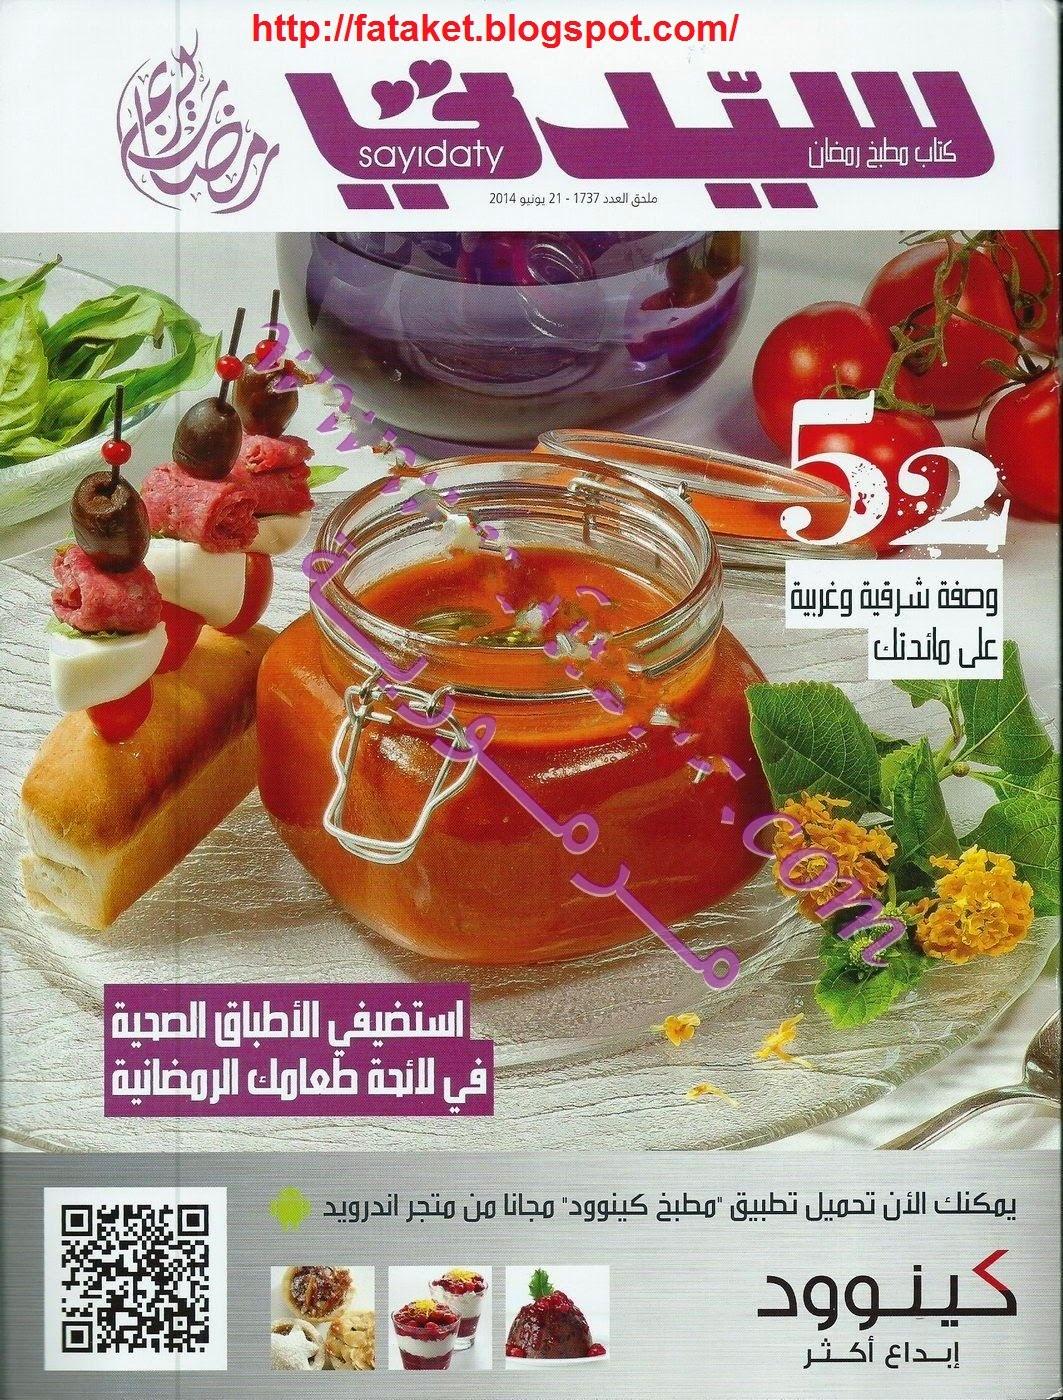 مجلة وصفات رمضان ( سيدتي ) - مجلة رائعة 2014 admin1671039431.jpg